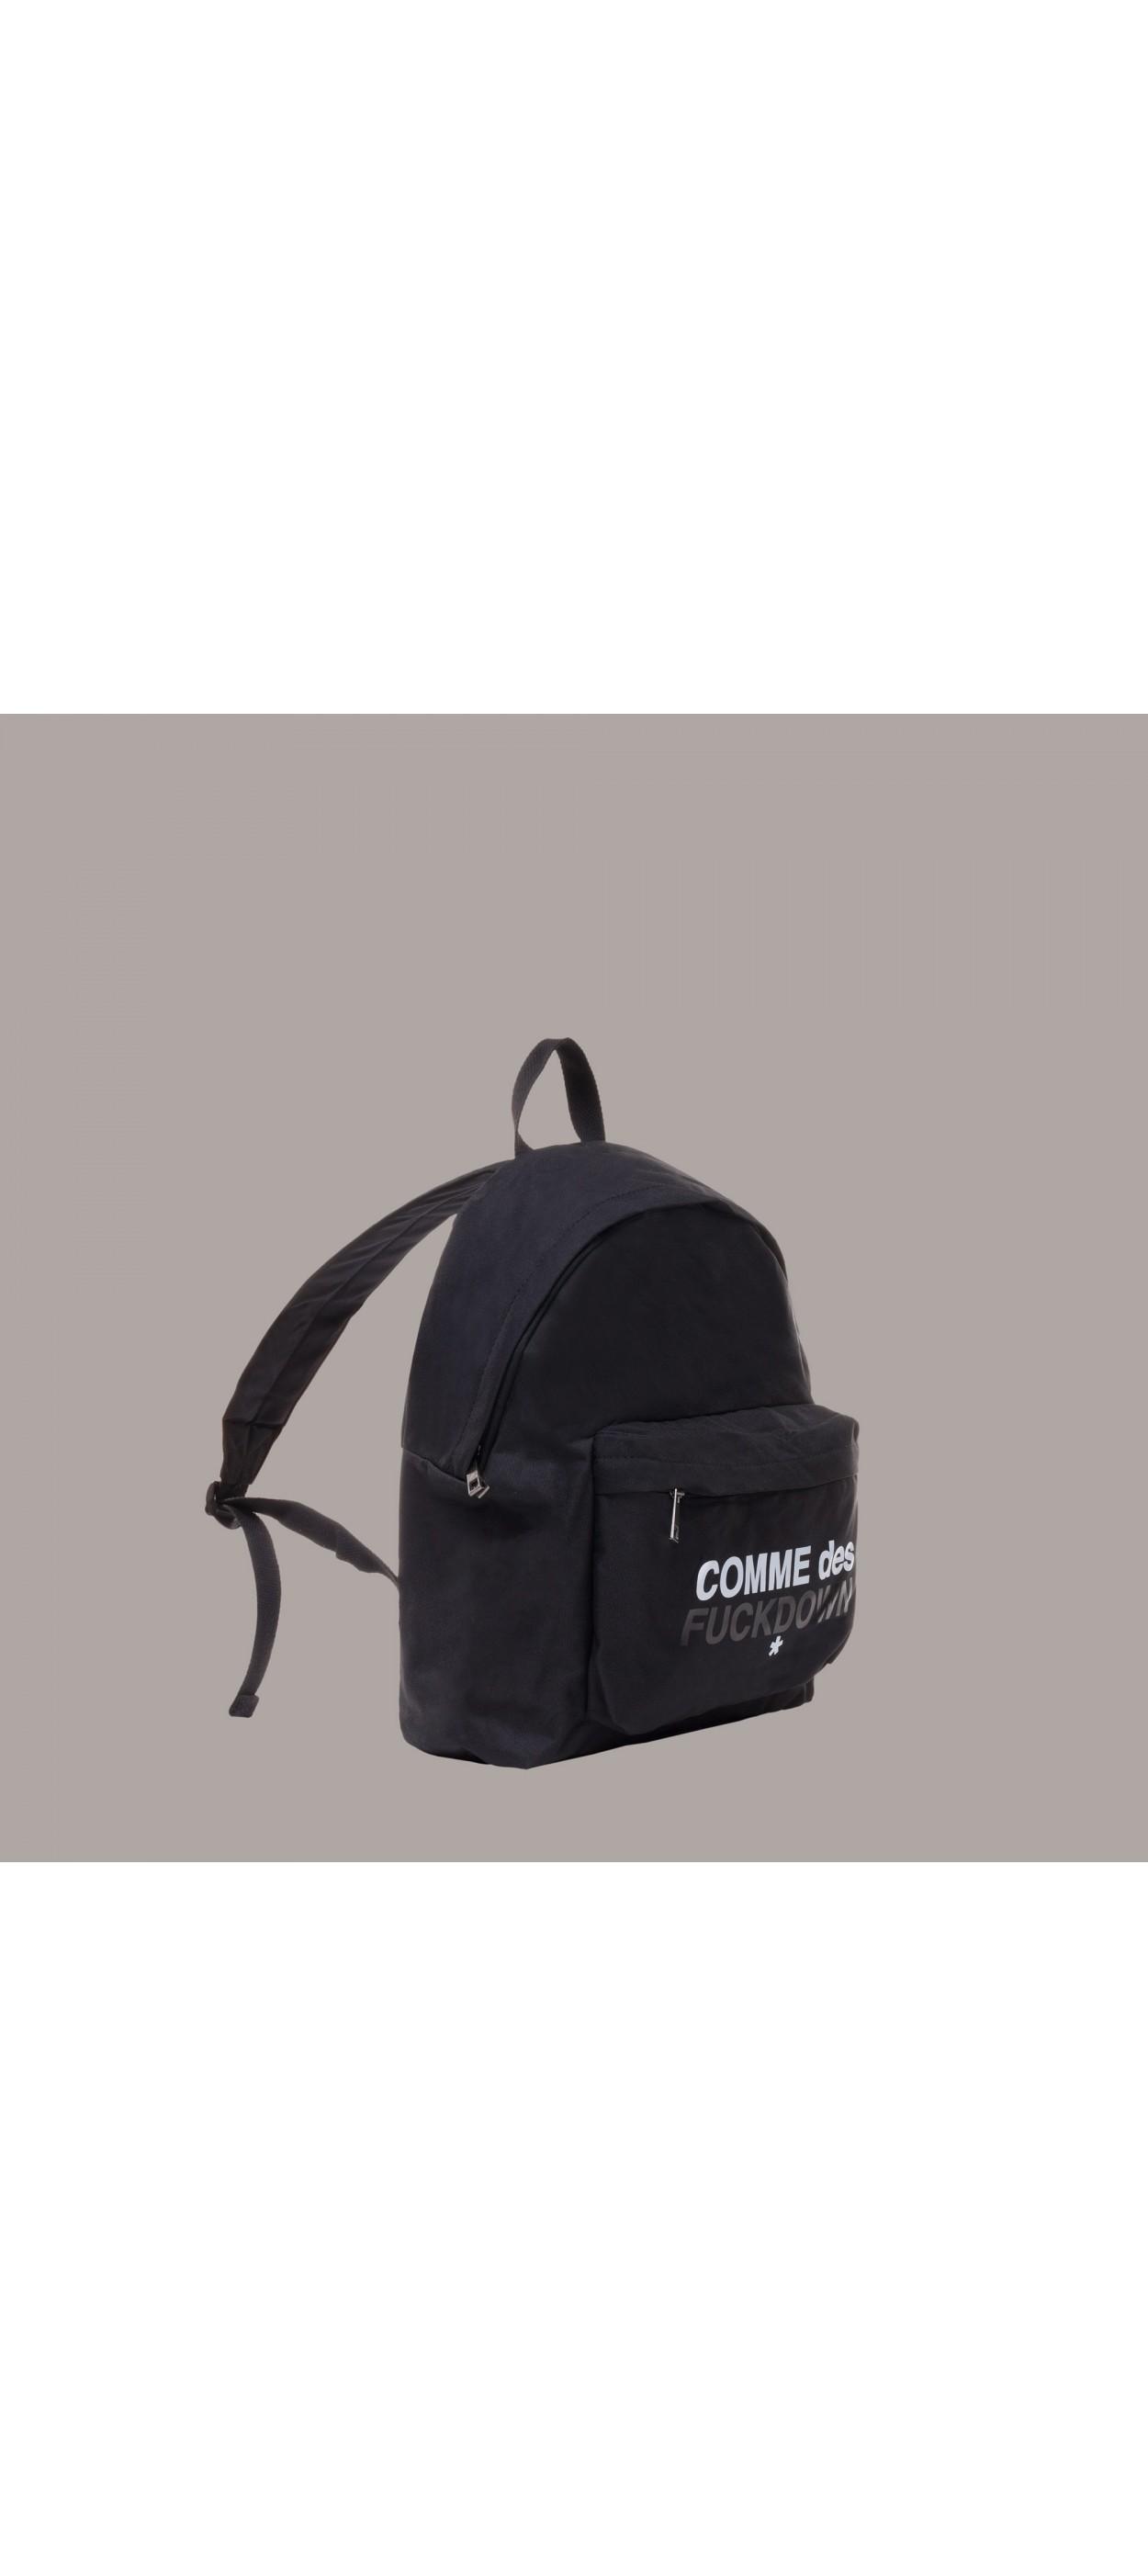 BACKPAK - CDFA504 - COMME DES FKDOWN